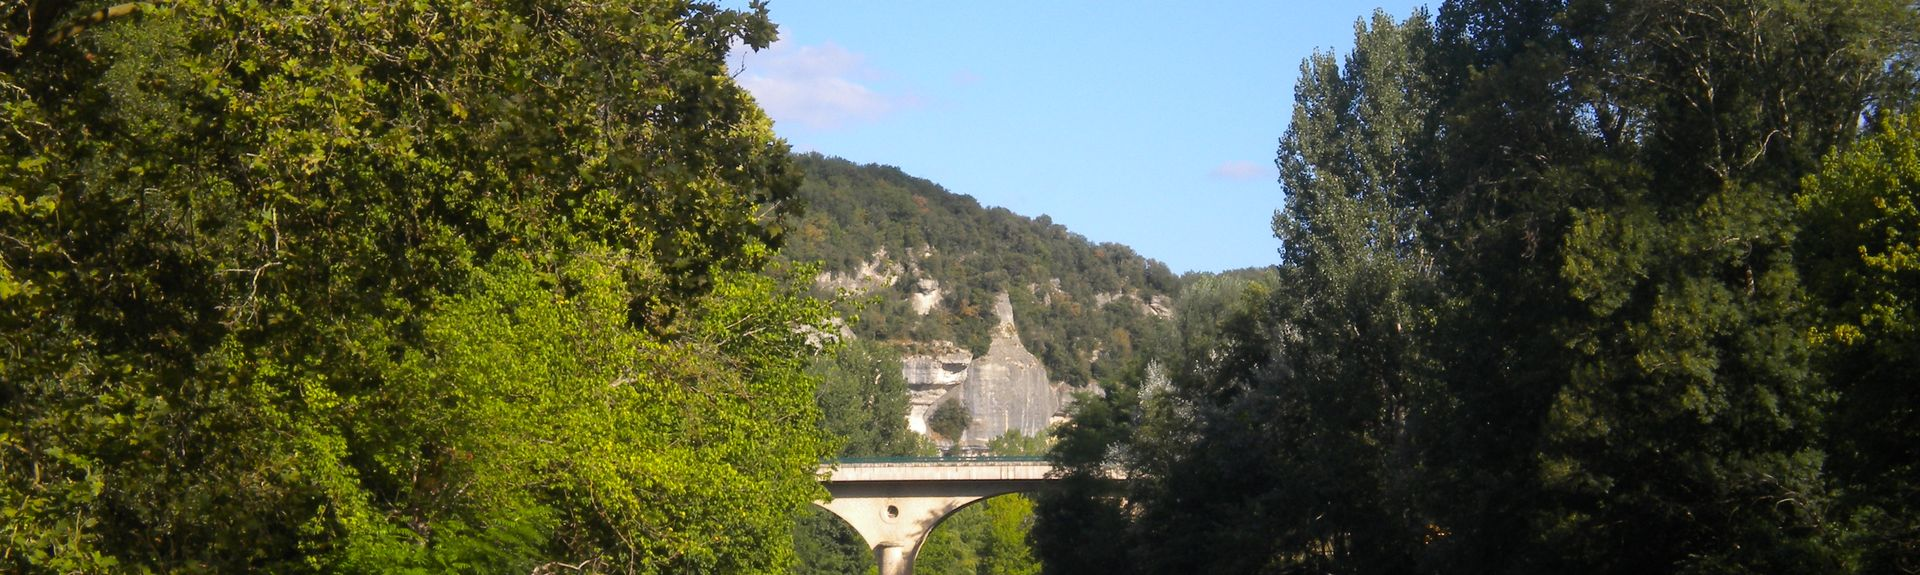 Rouffignac-Saint-Cernin-de-Reilhac, Dordogne, Frankreich